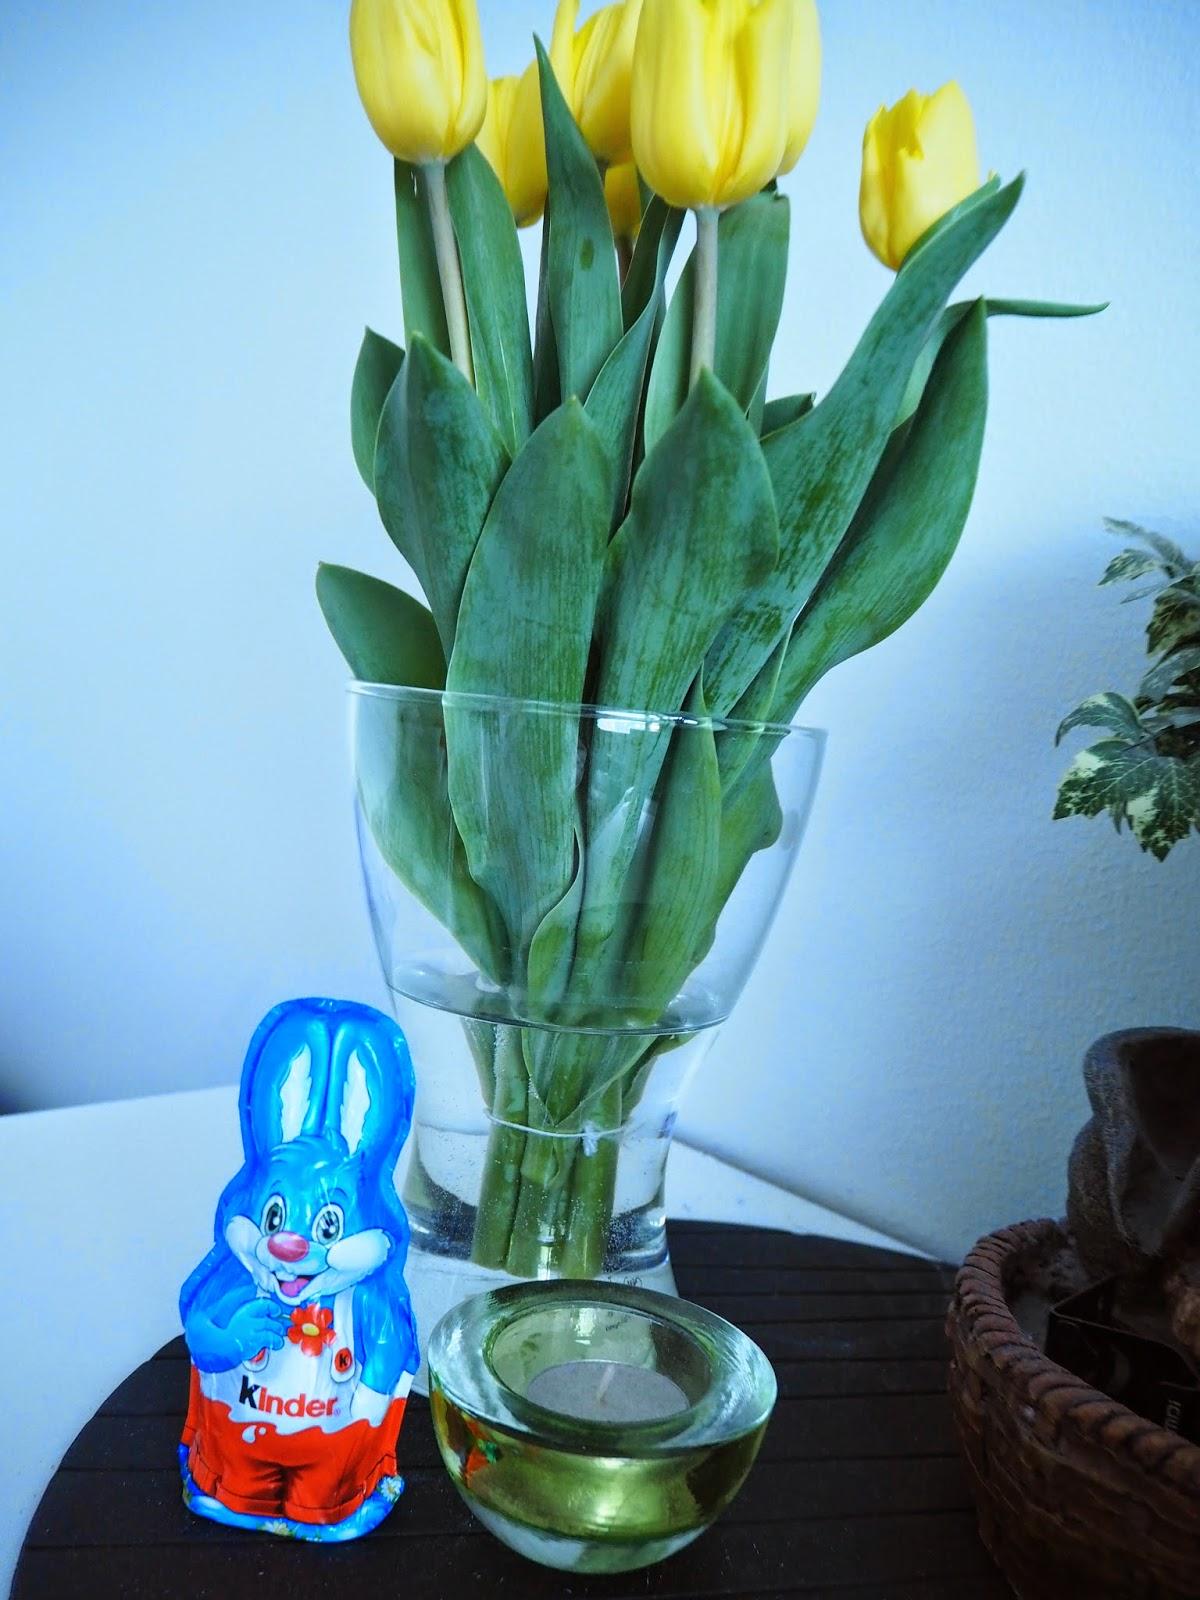 pääsiäinen, easter, tulip, tulips, birds, tiput, suklaa, chocolate, pupu, pääsiäispupu, kinder,